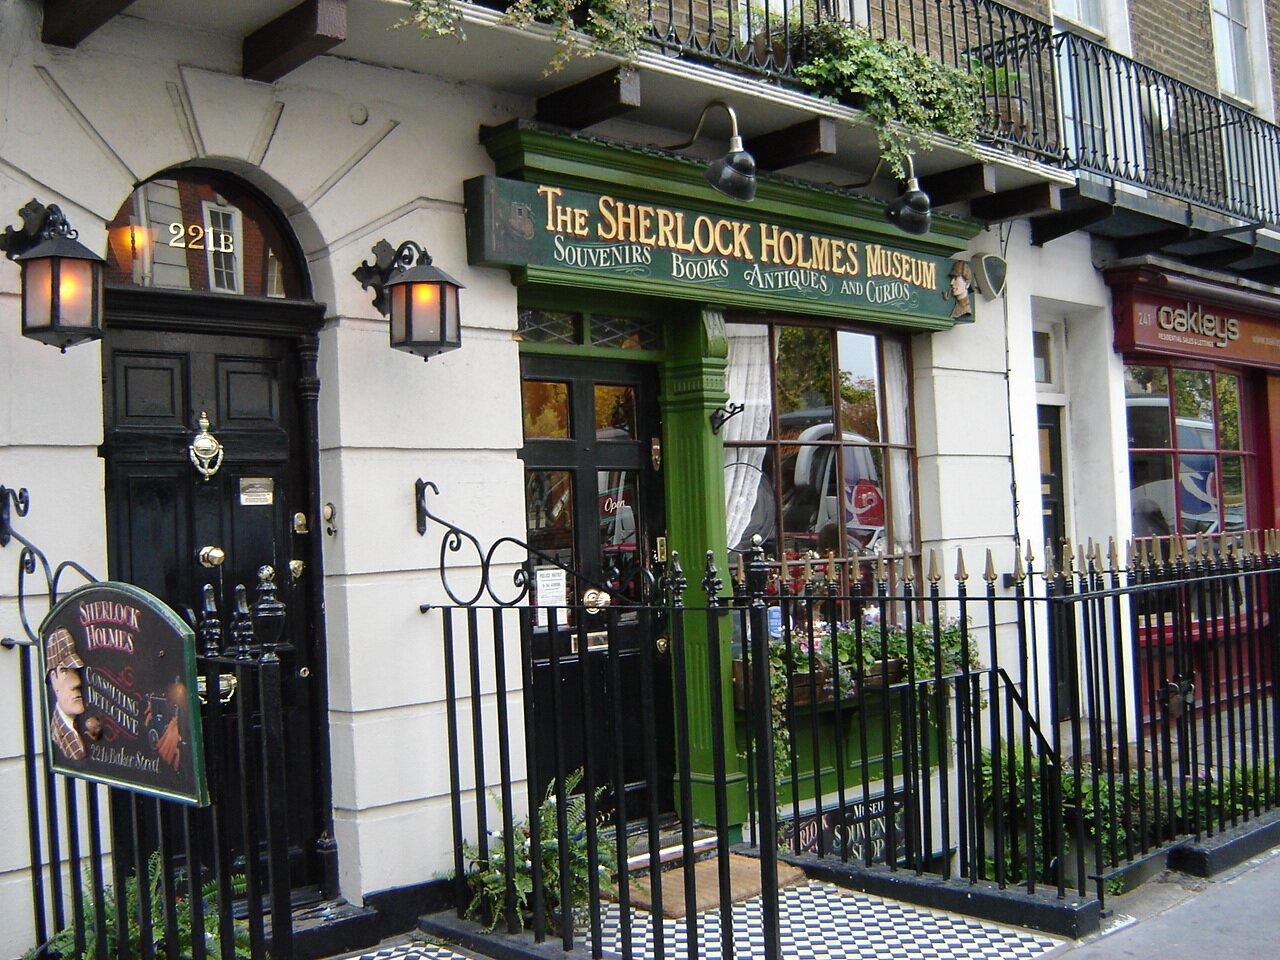 Chociaż Sherlock Holmes jest postacią fikcyjną, jego twórca ulokował mieszkanie bohatera wLondynie pod realnie istniejącym adresem: Baker Street 221B. Chociaż Sherlock Holmes jest postacią fikcyjną, jego twórca ulokował mieszkanie bohatera wLondynie pod realnie istniejącym adresem: Baker Street 221B. Źródło: Jordan1972, fotografia barwna, domena publiczna.